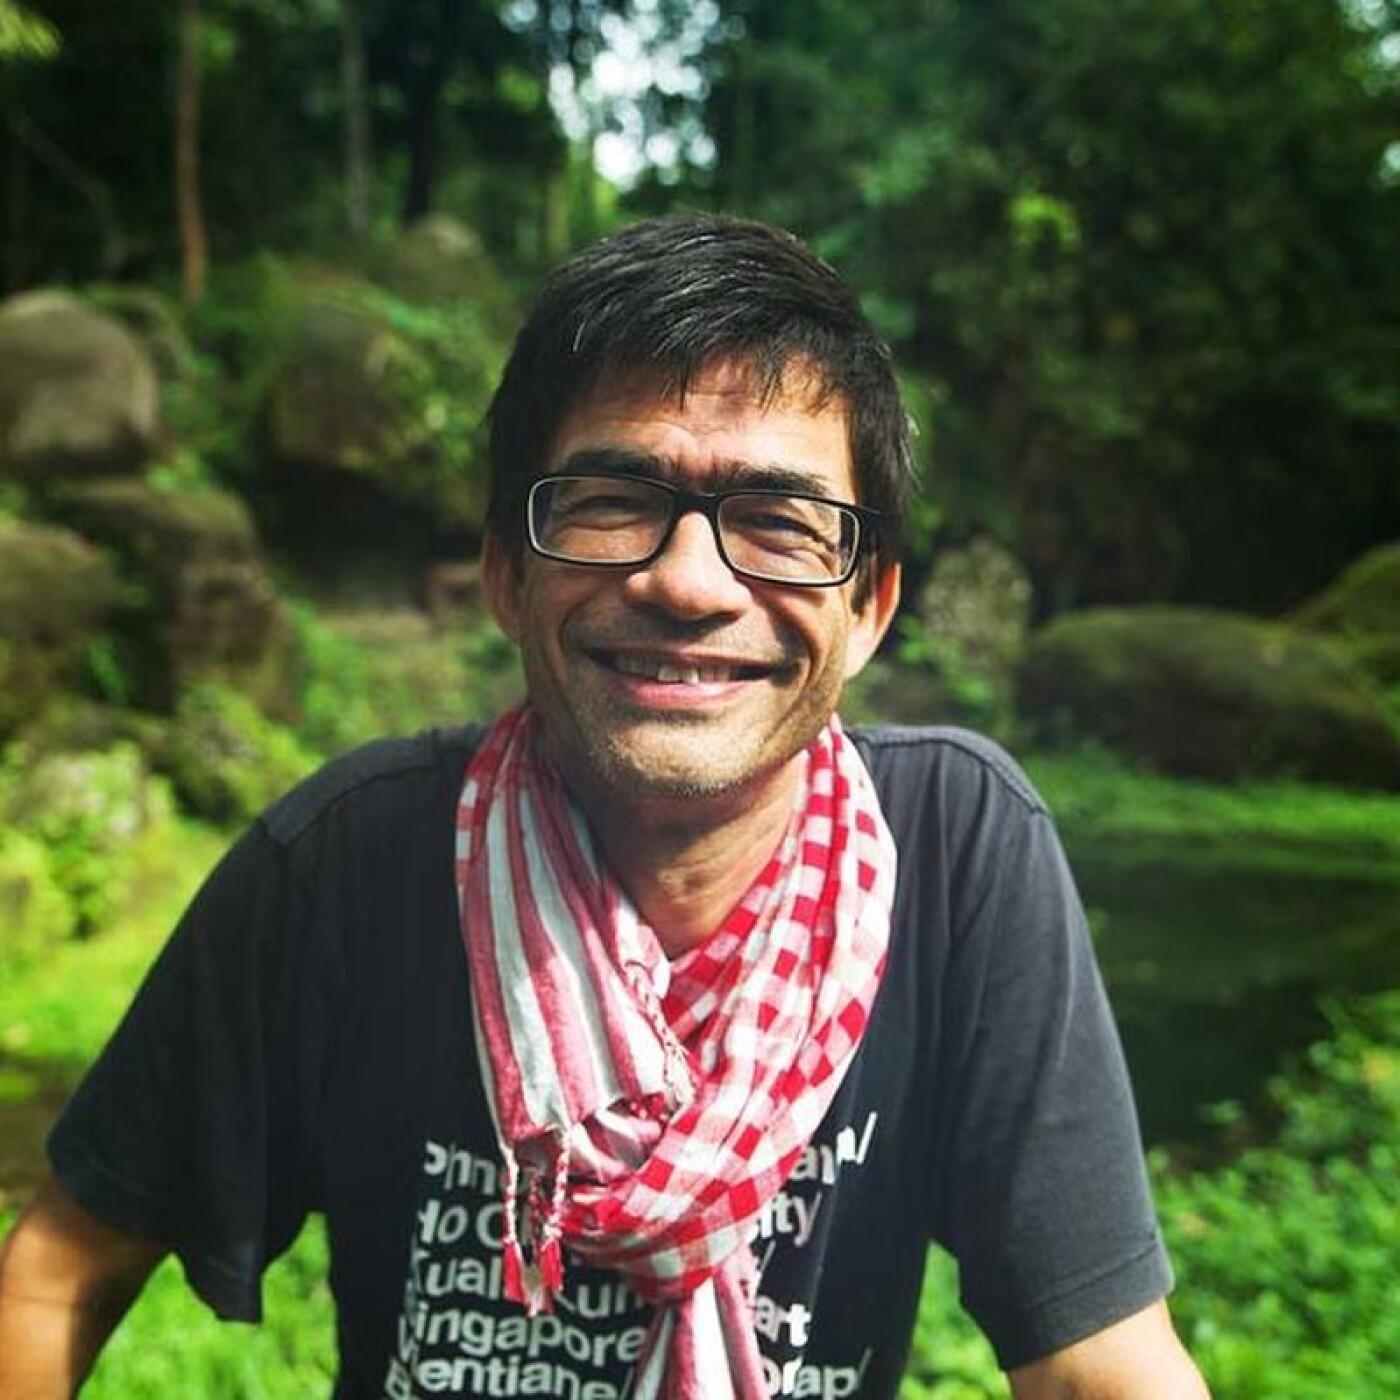 Laurent parle de l'effondrement du tourisme au Cambodge - 30 09 2021 - StereoChic Radio